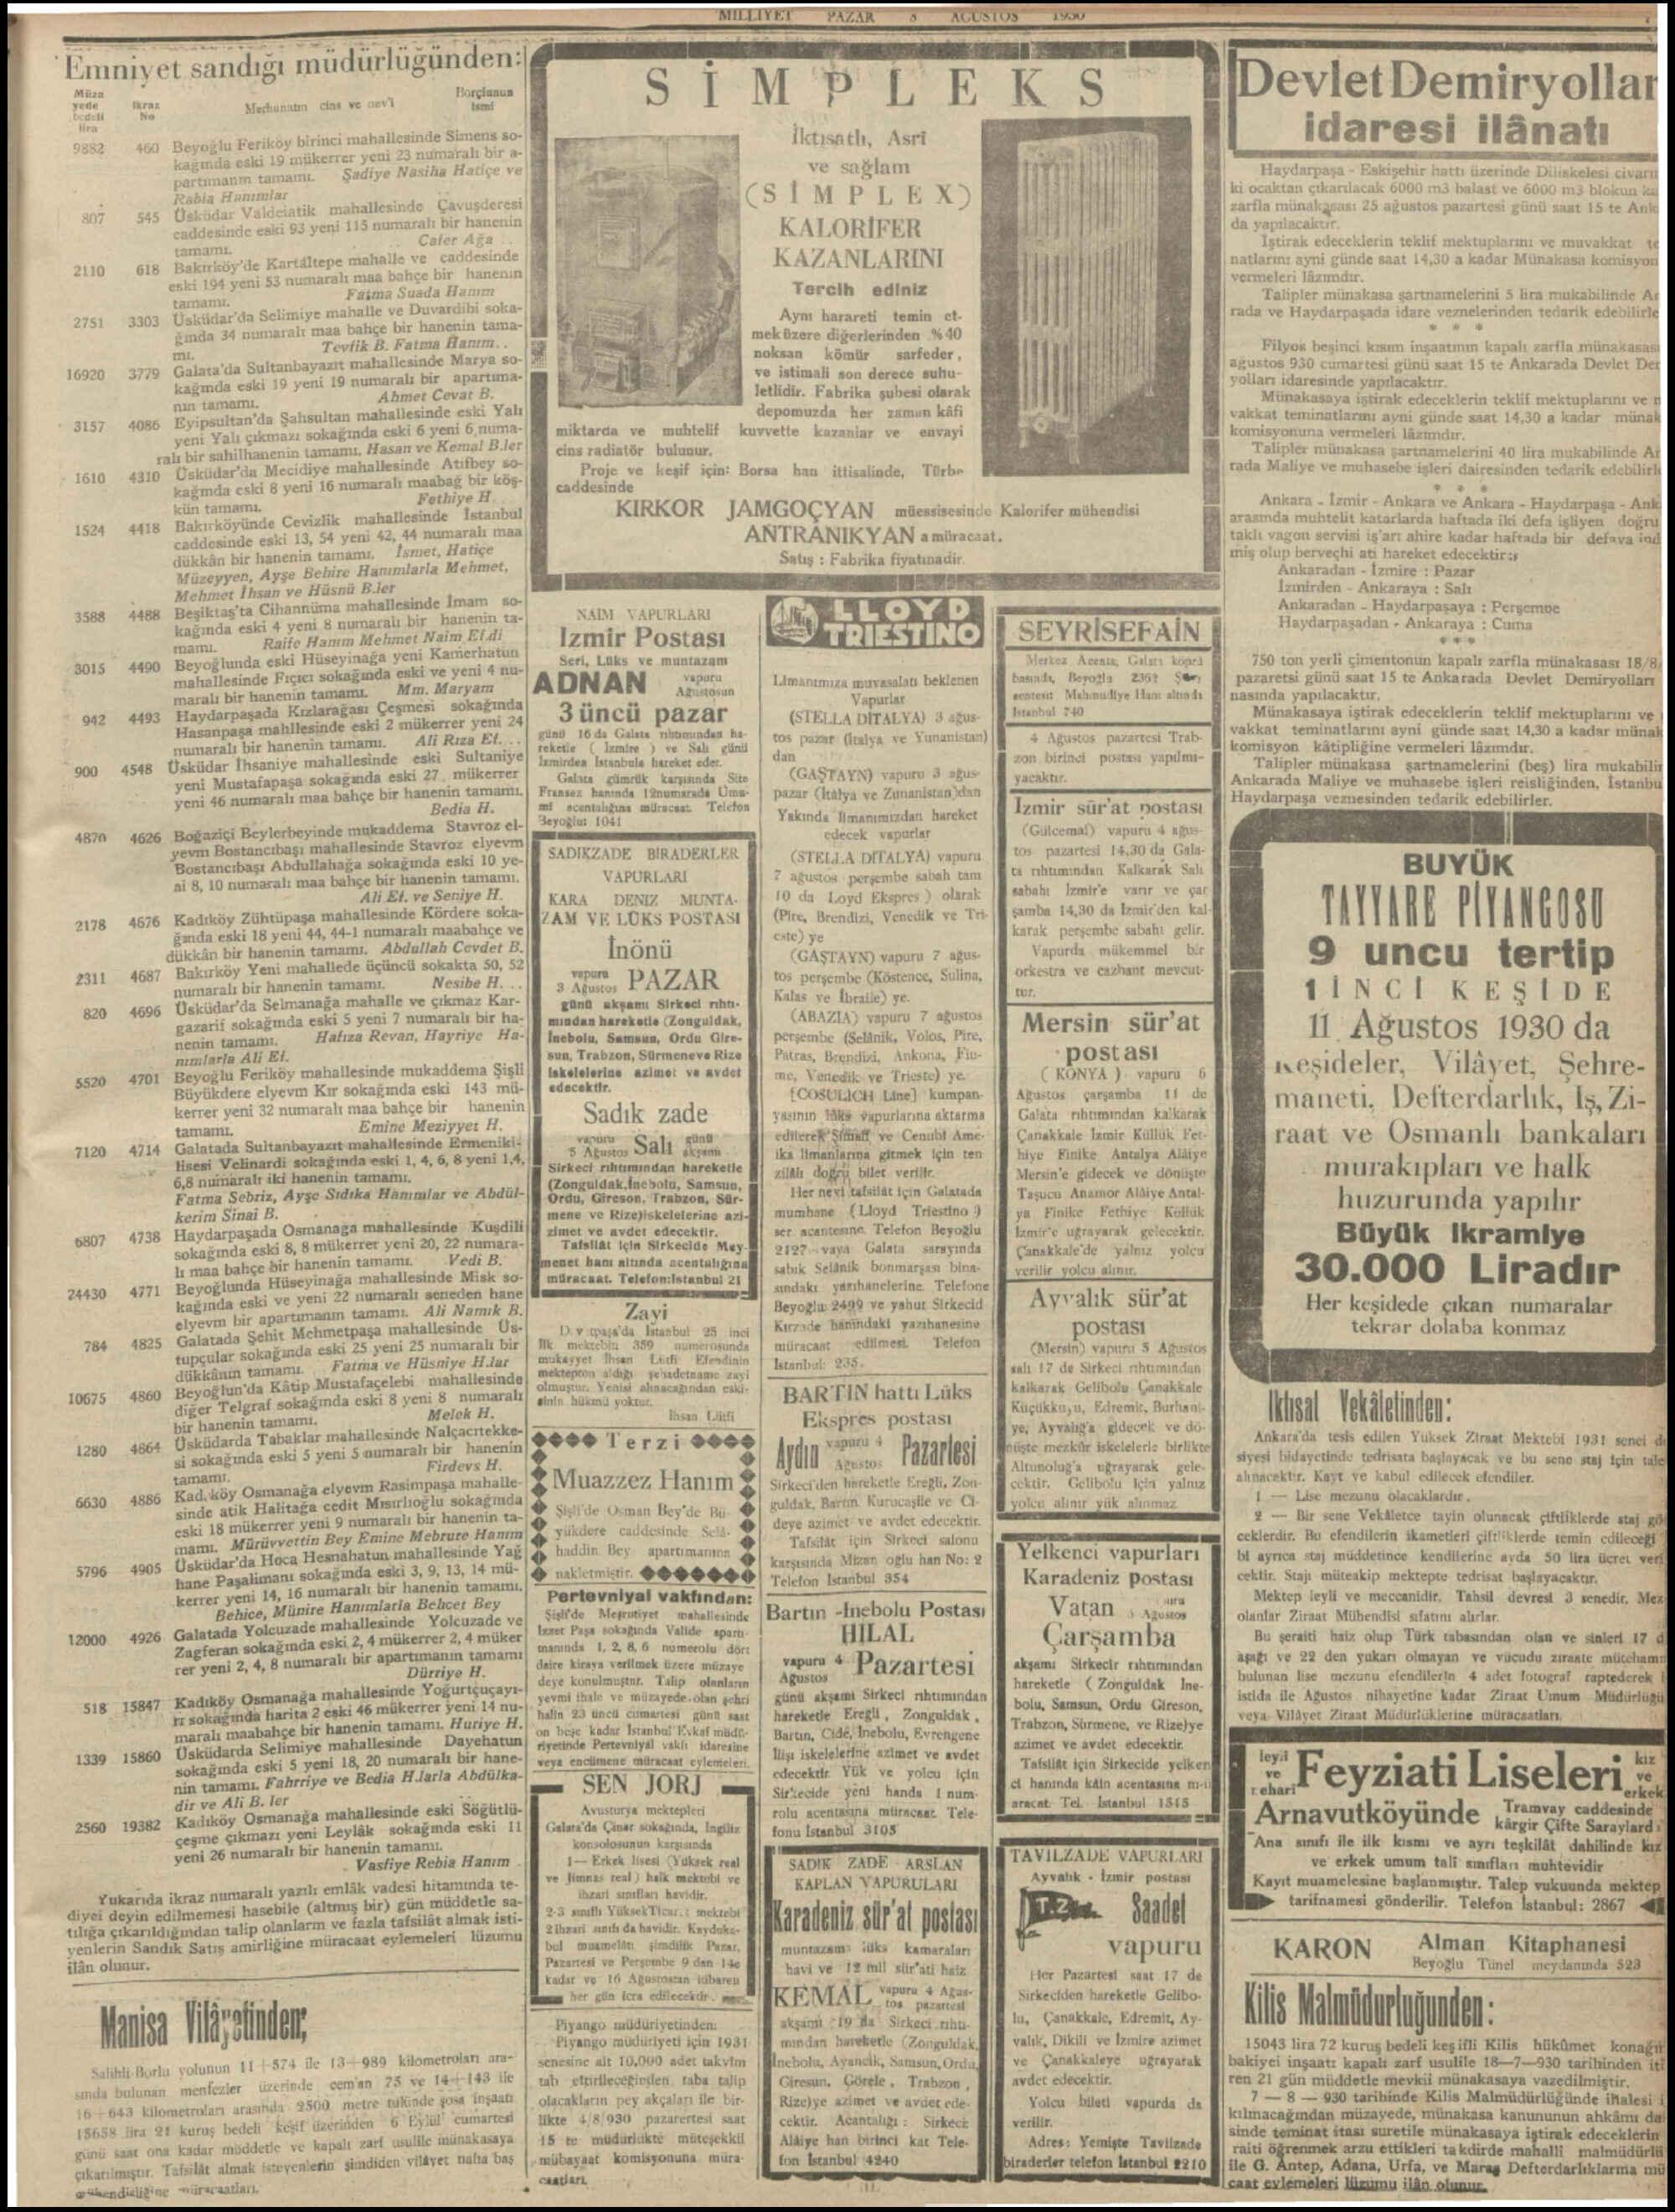 3 Ağustos 1930 Tarihli Milliyet Dergisi Sayfa 7